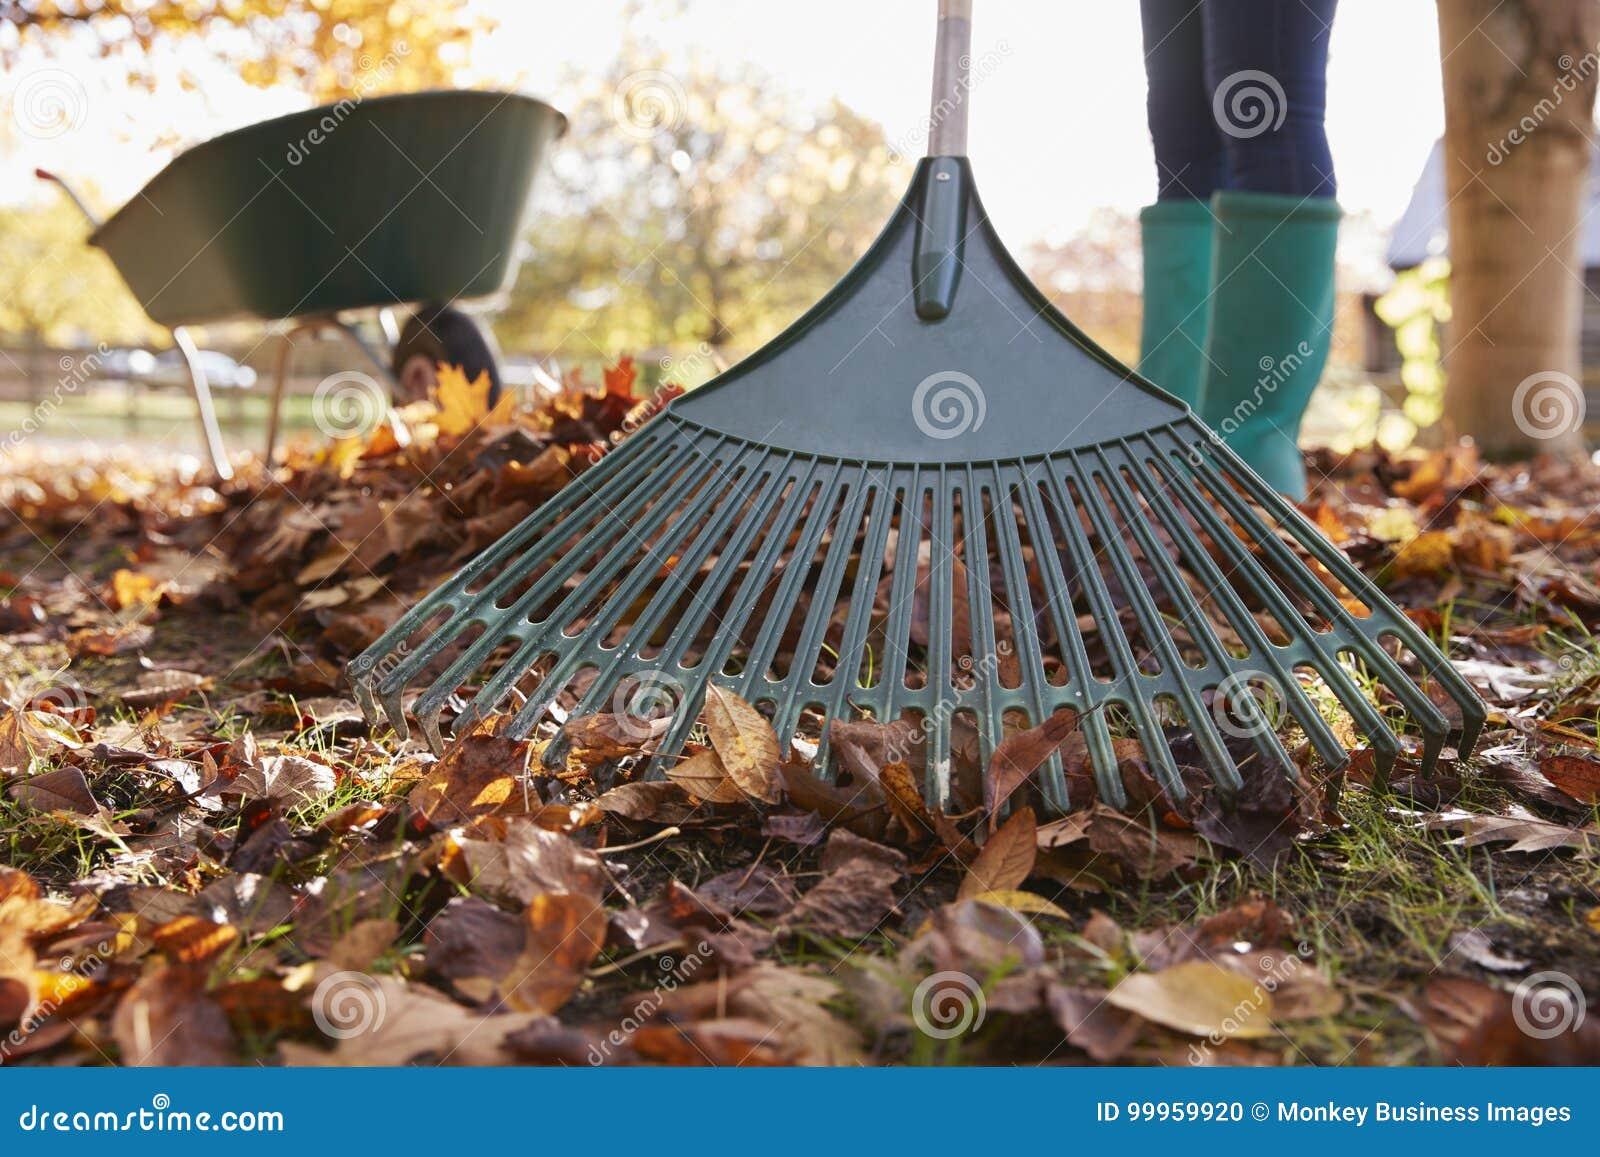 Κλείστε επάνω της γυναίκας που μαζεύει με τη τσουγκράνα τα φύλλα φθινοπώρου στον κήπο